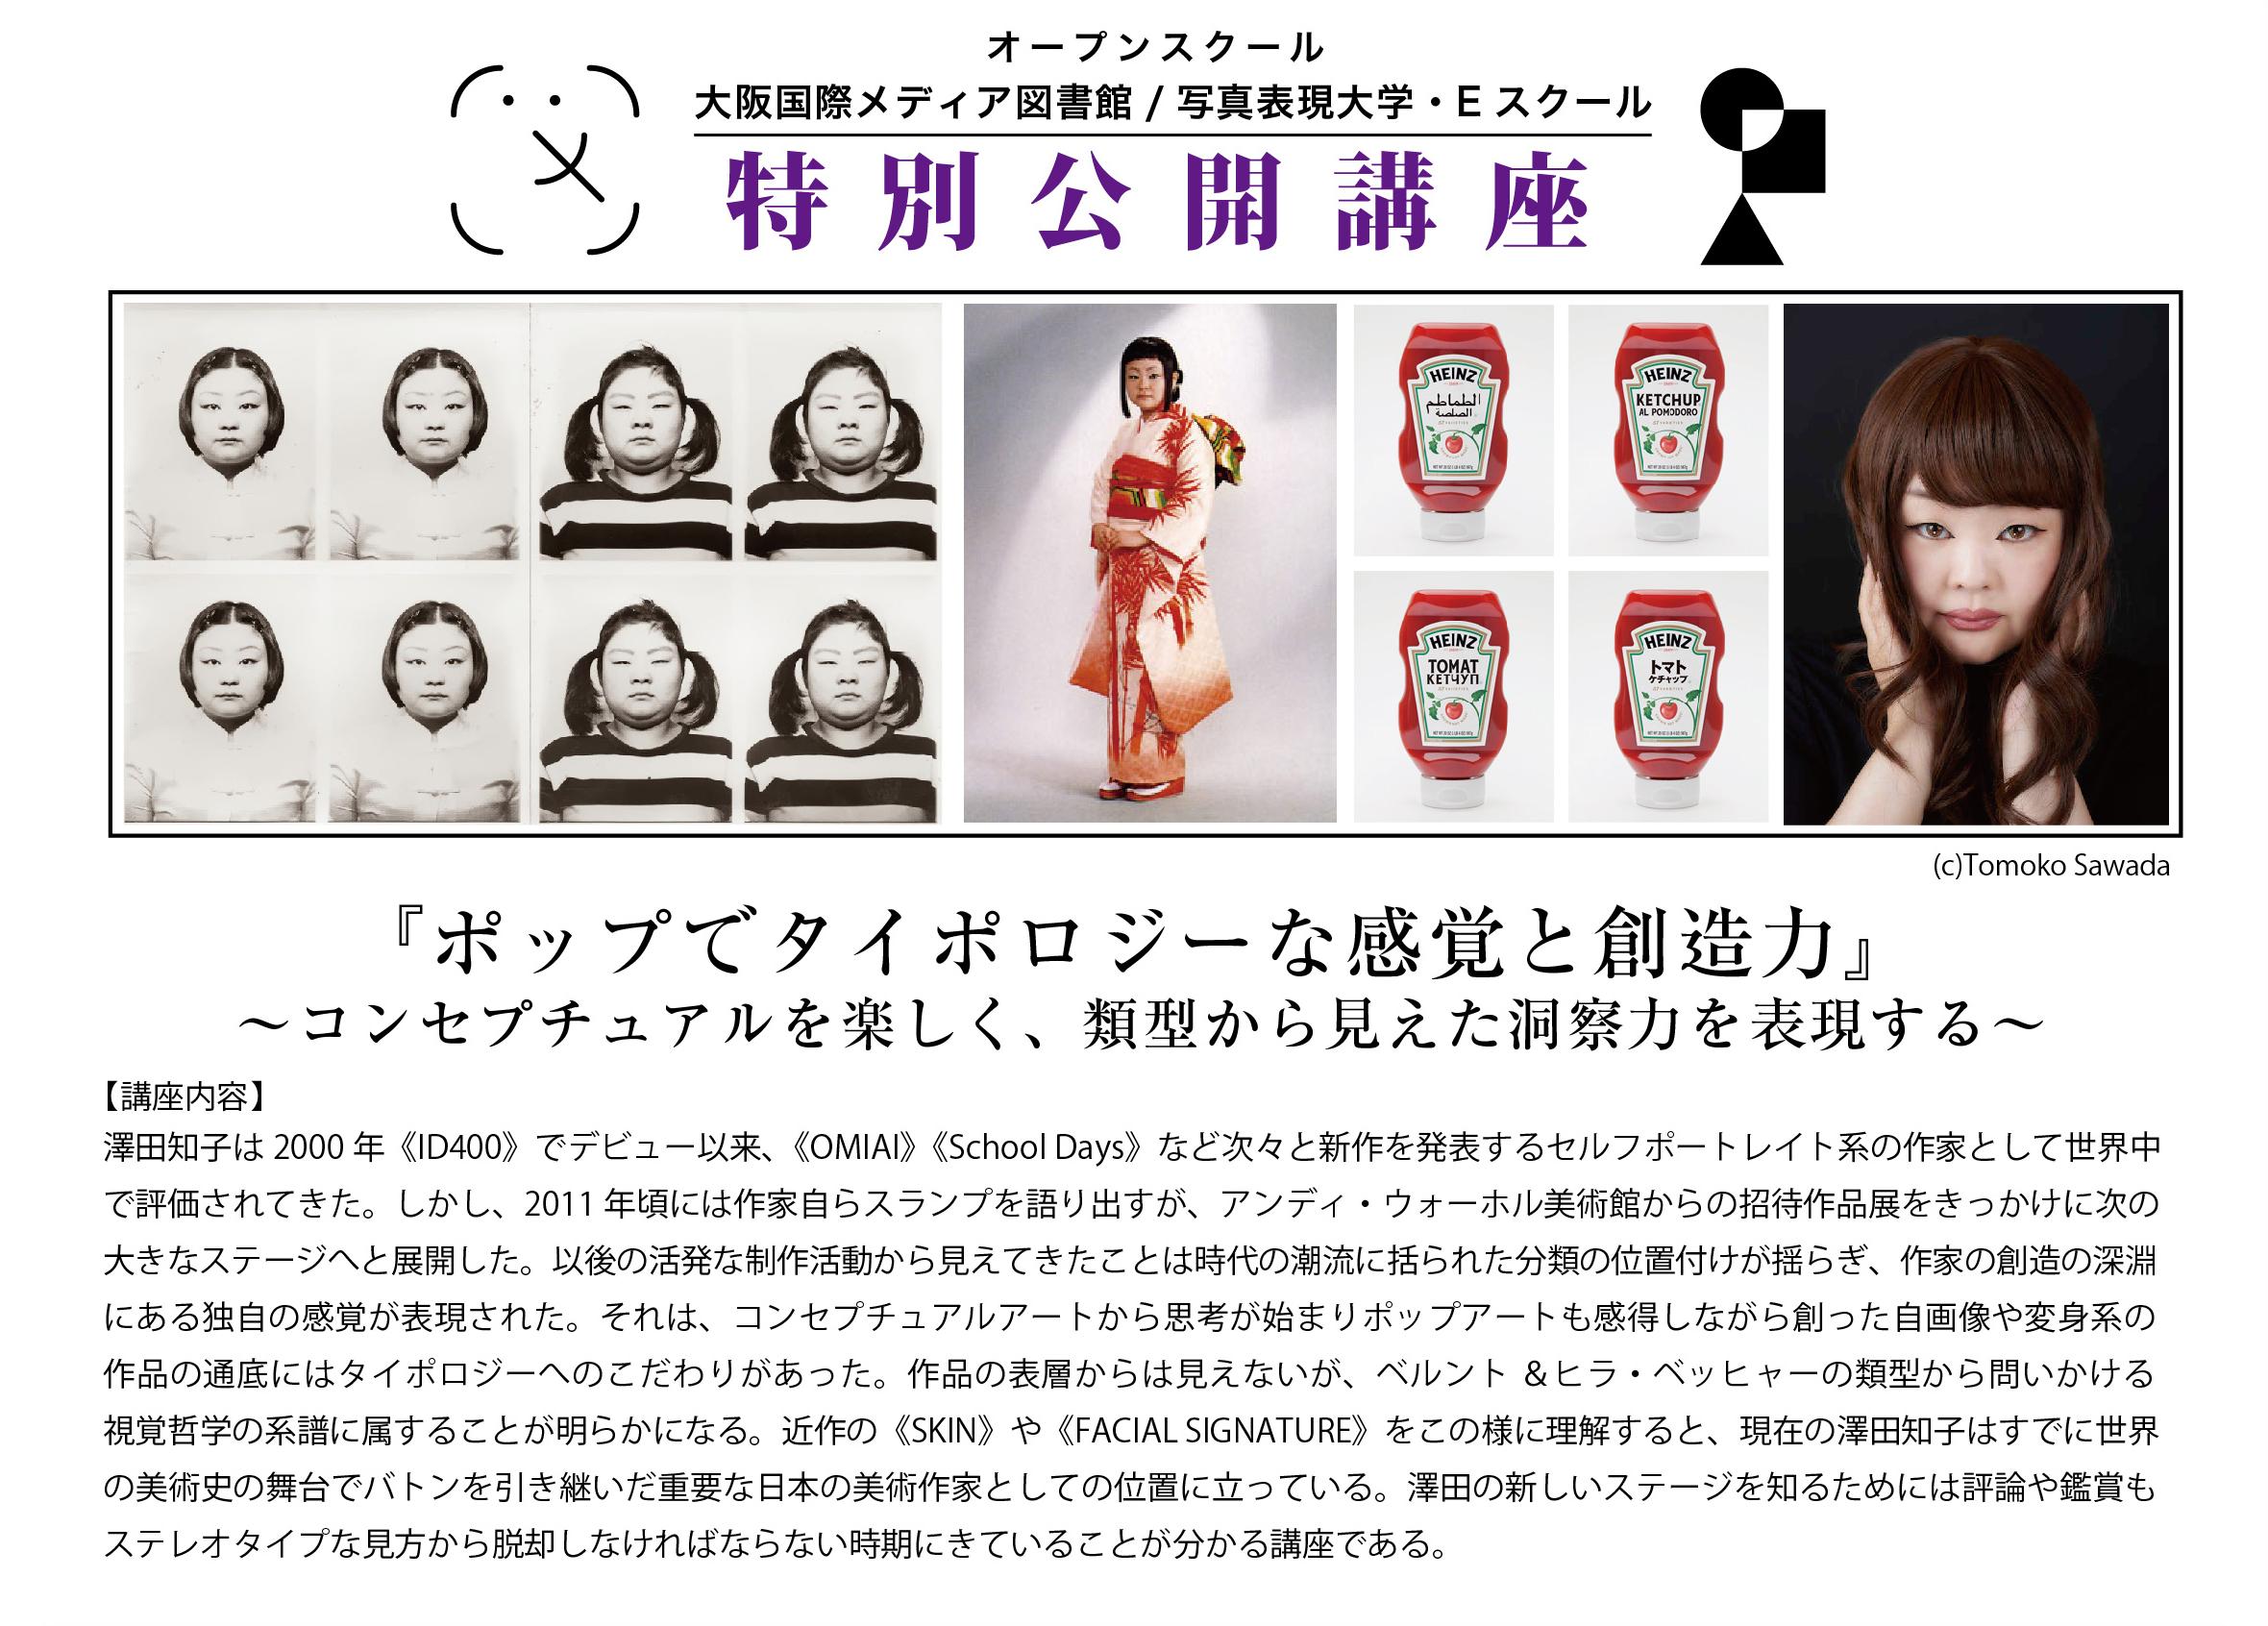 澤田知子は2000年《ID400》でデビュー以来、《OMIAI》《School Days》など次々と新作を発表するセルフポートレイト系の作家として世界中で評価されてきた。しかし、2011年には作家自らスランプを語り出すが、アンディ・ウォーホル美術館からの招待作品展をきっかけに次の大きなステージへと展開した。以後の活発な制作活動から見えてきたことは時代の潮流に括られた分類の位置付けが揺らぎ、作家の創造の深淵にある独自の感覚が表現された。それは、コンセプチュアルアートから思考が始まりポップアートも感得しながら創った自画像や変身系の作品の通底にはタイポロジーへのこだわりがあった。作品の表層からは見えないが、ベルント&ヒラ・ベッヒャーの類型から問いかける視覚哲学の系譜に属することが明らかになる。近作の《SKIN》や《FACIAL SIGNATURE》をこの様に理解すると、現在の澤田知子はすでに世界の美術史の舞台でバトンを引き継いだ重要な日本の美術作家としての位置に立っている。澤田の新しいステージを知るためには評論や鑑賞もステレオタイプな見方から脱却しなければならない時期にきていることが分かる講座である。